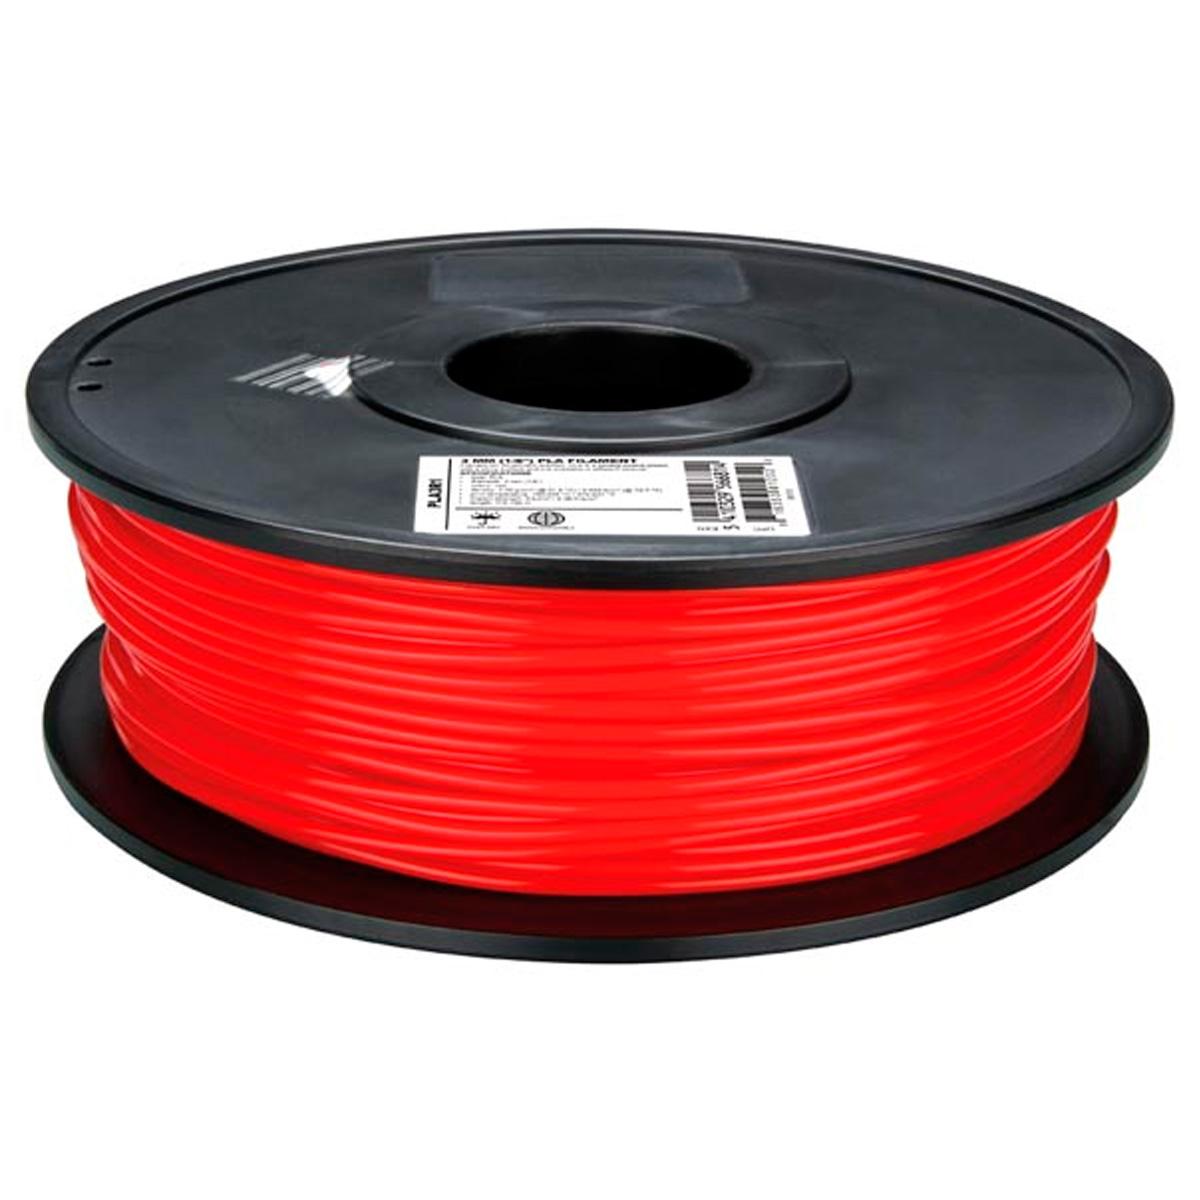 filamento pla 3mm rojo 1 kg impresora 3d impresora